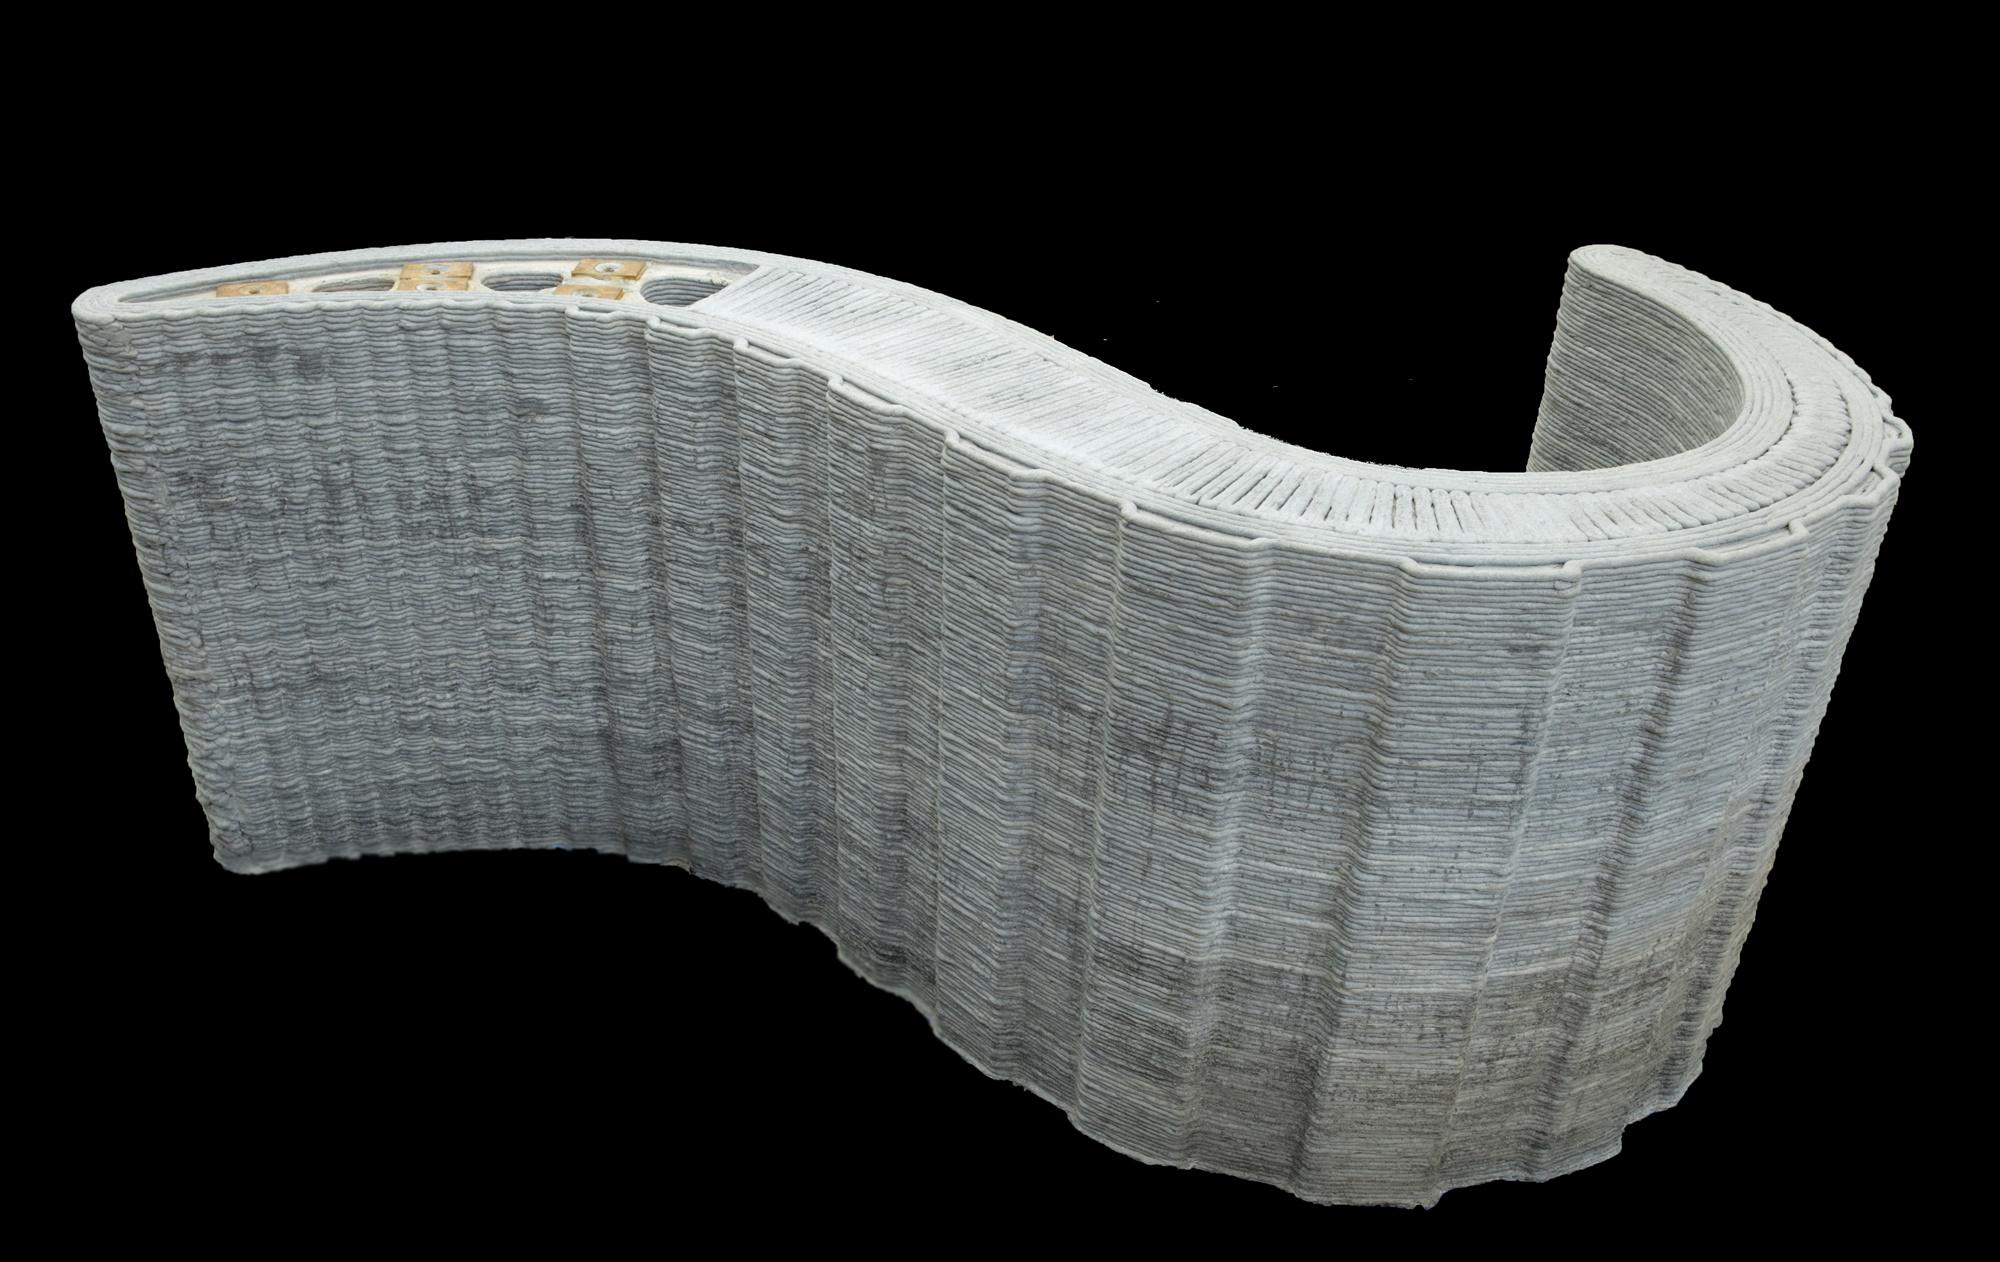 قالب بتنی حاصل از پرینت سه بعدی